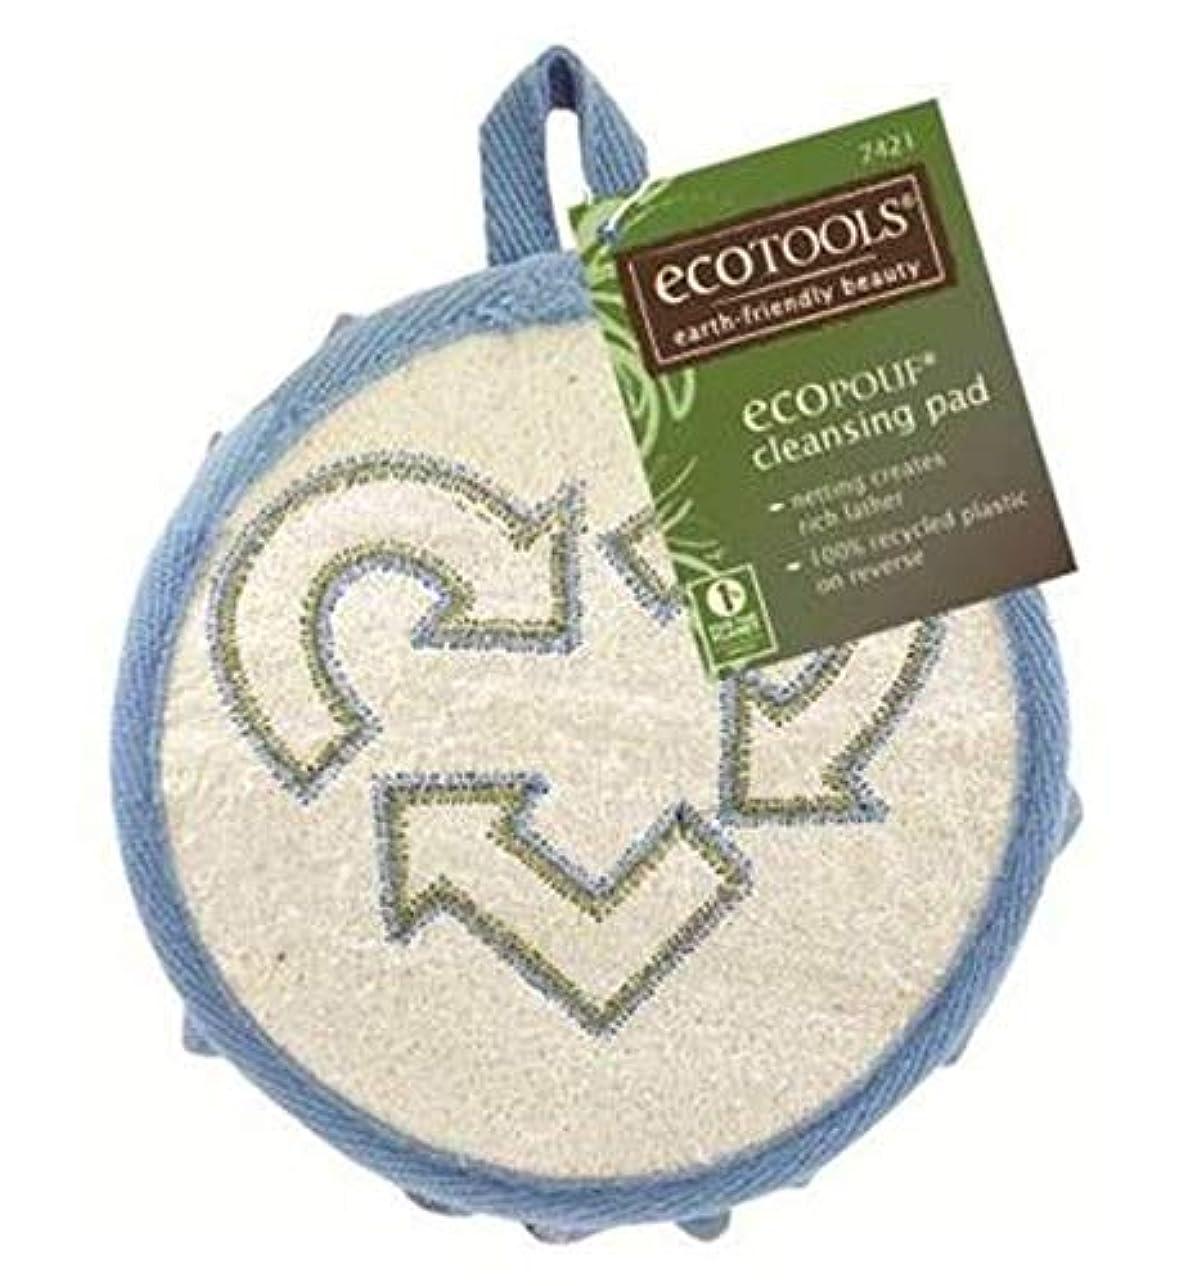 型セッティング出演者[EcoTools] Ecotoolsクレンジングパッド - Ecotools Cleansing Pad [並行輸入品]